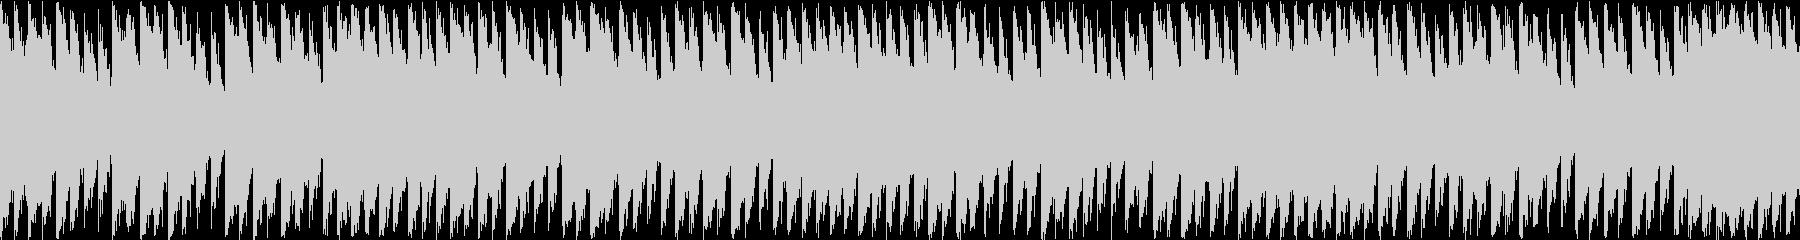 怒悲冷酷な旋律のループシンセピアノダンスの未再生の波形